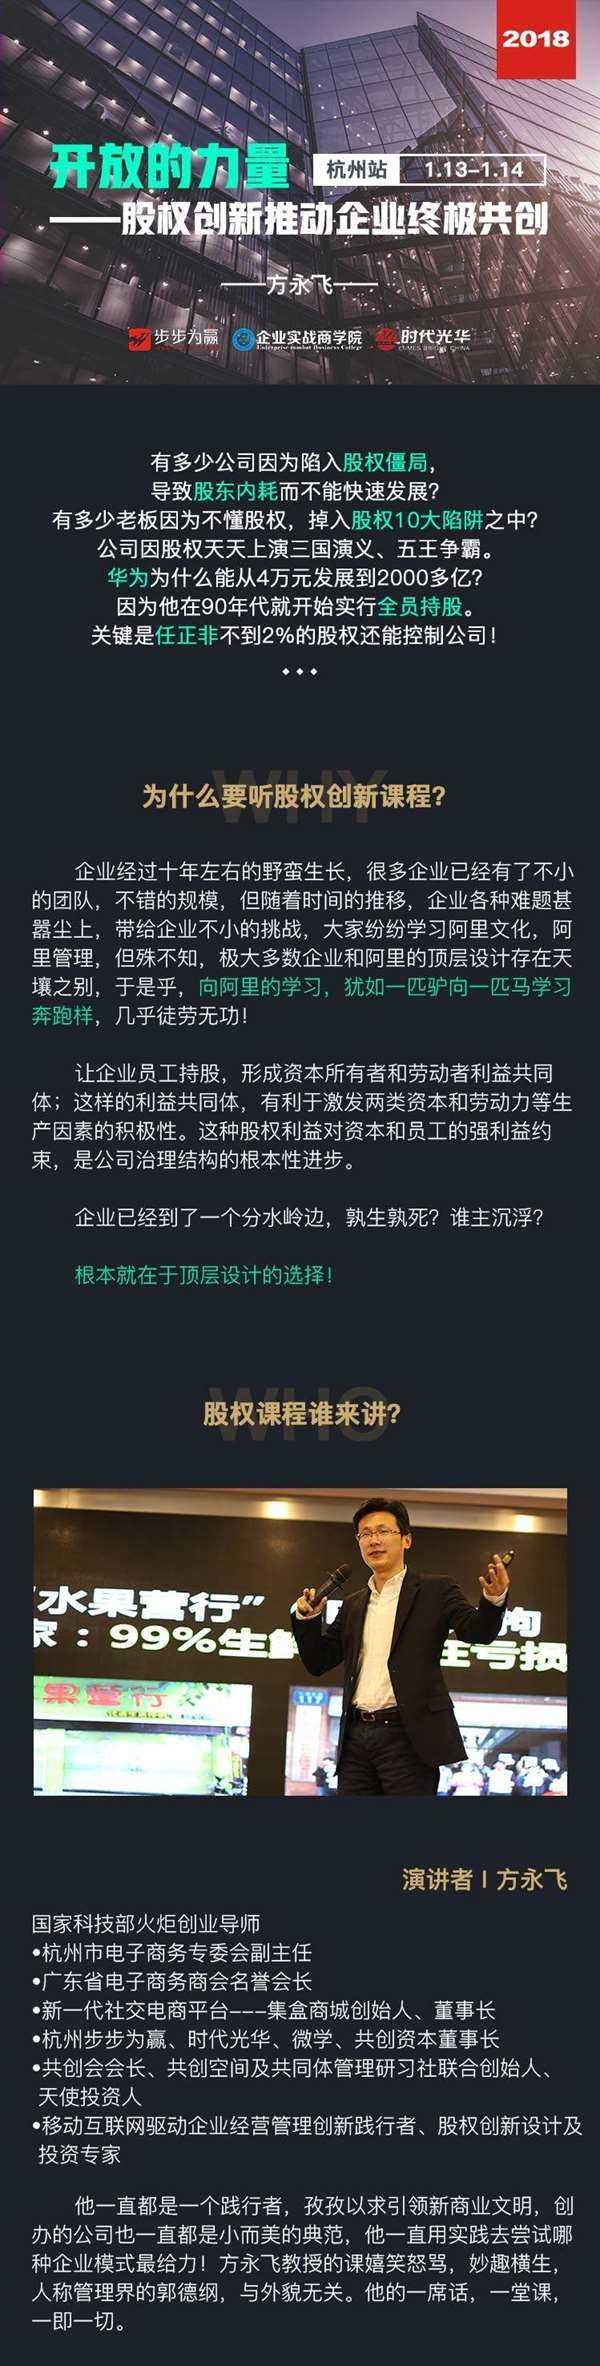 股权课宣传图_1.jpg